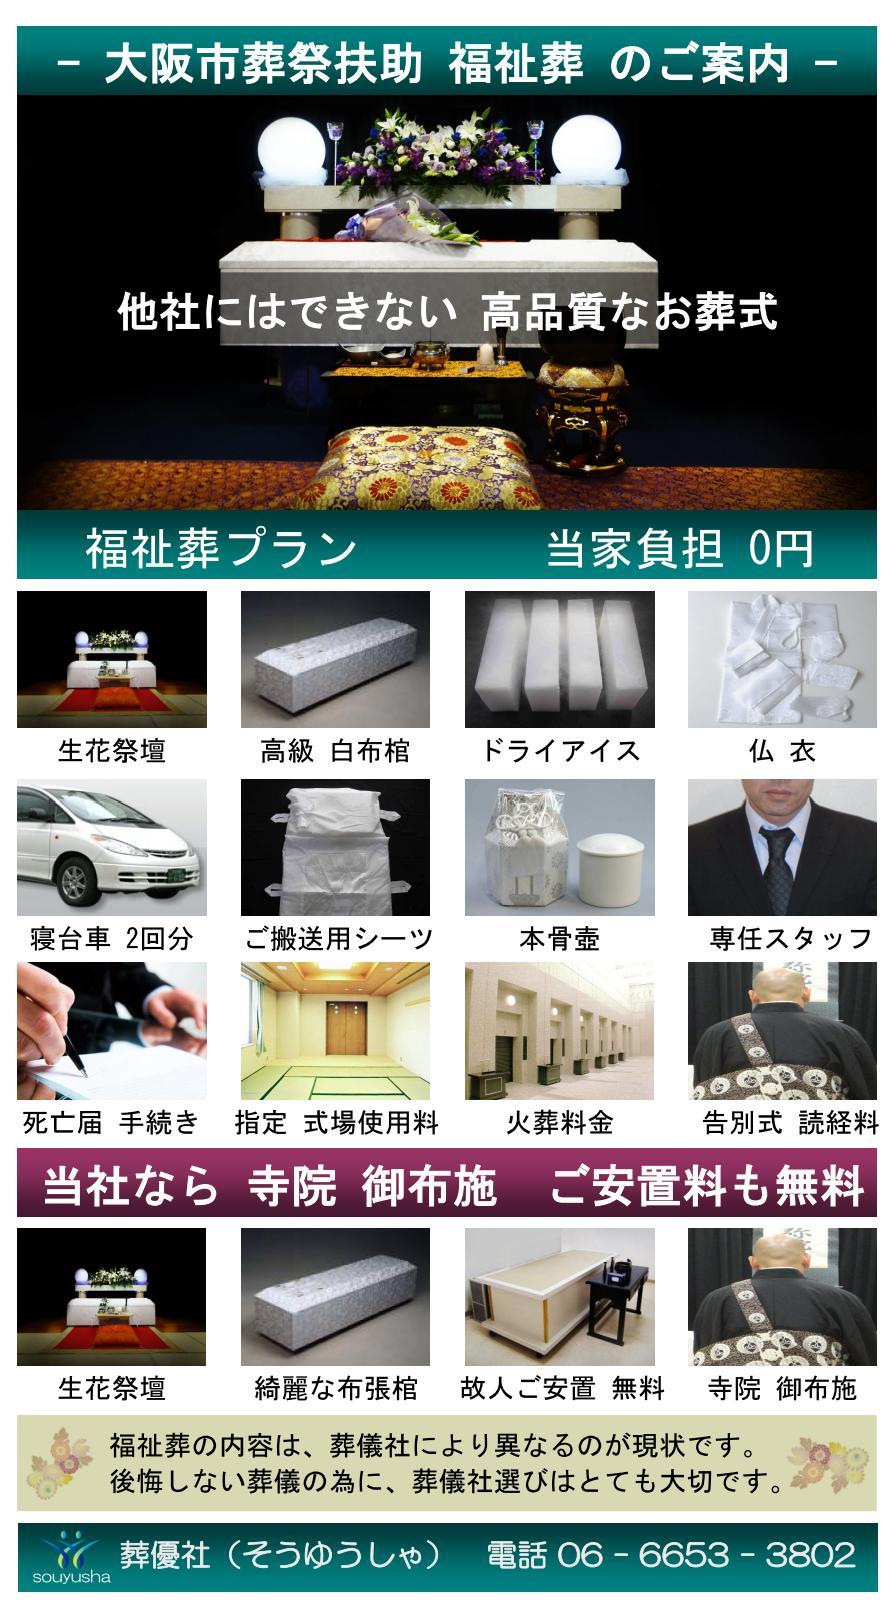 お寺様の読経料・御布施が含まれた生活保護葬をご提案